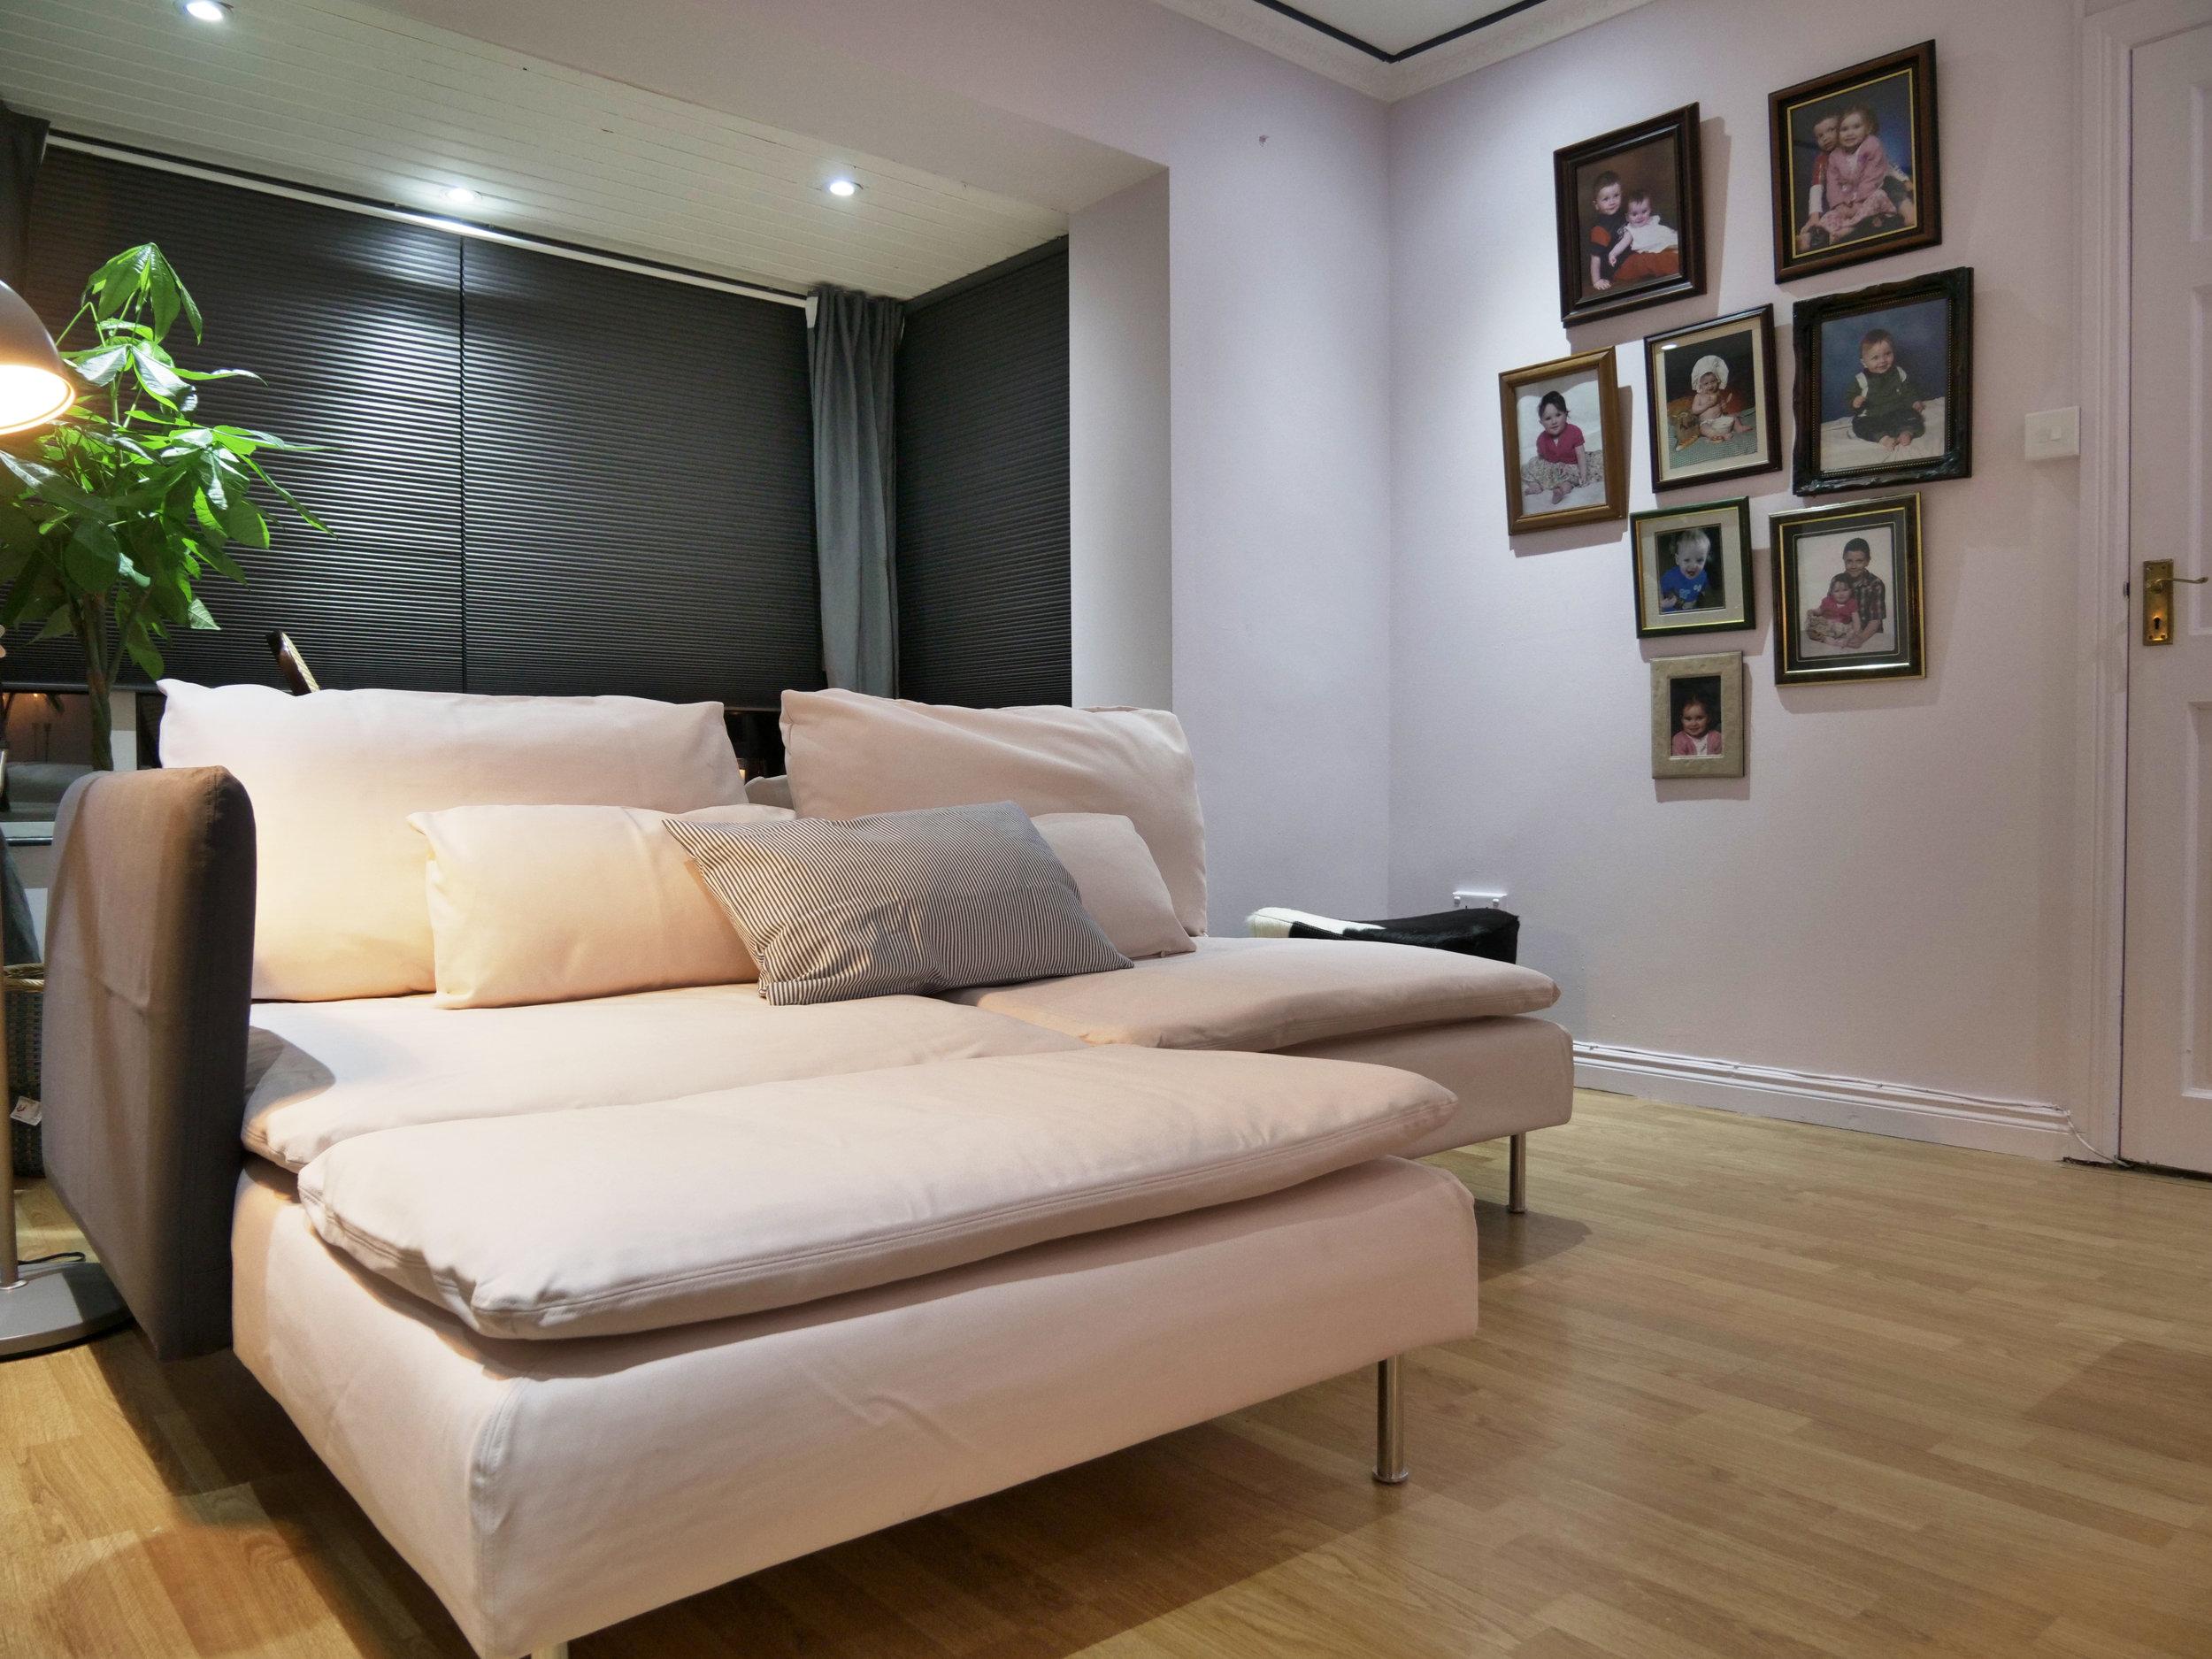 Killybegs---Living-Room---After-2.jpg